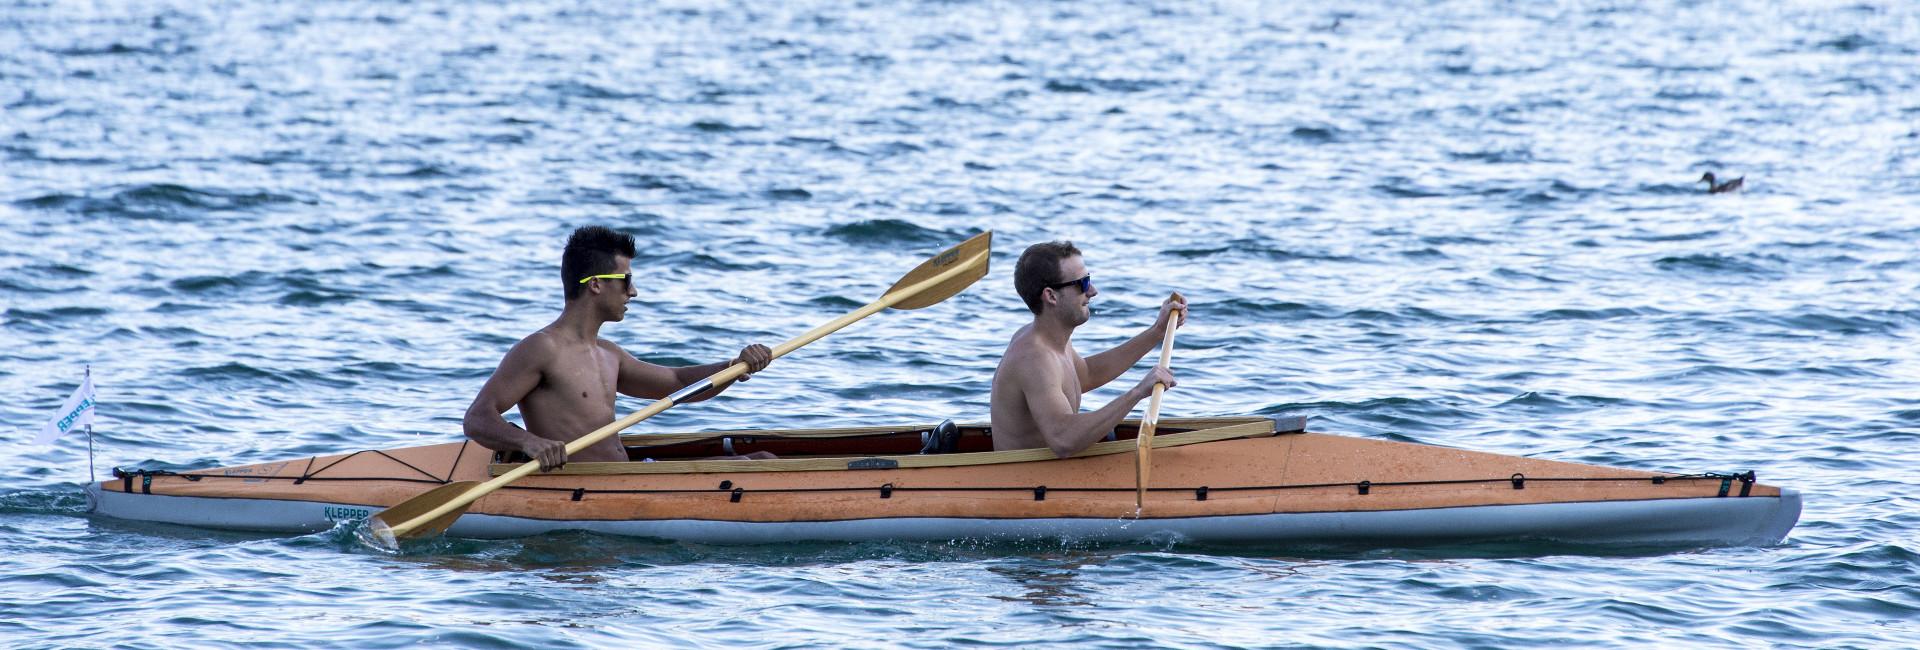 Boot & Kanu Verleih am Kalterer See - Hotel Urlaub in Kaltern genießen